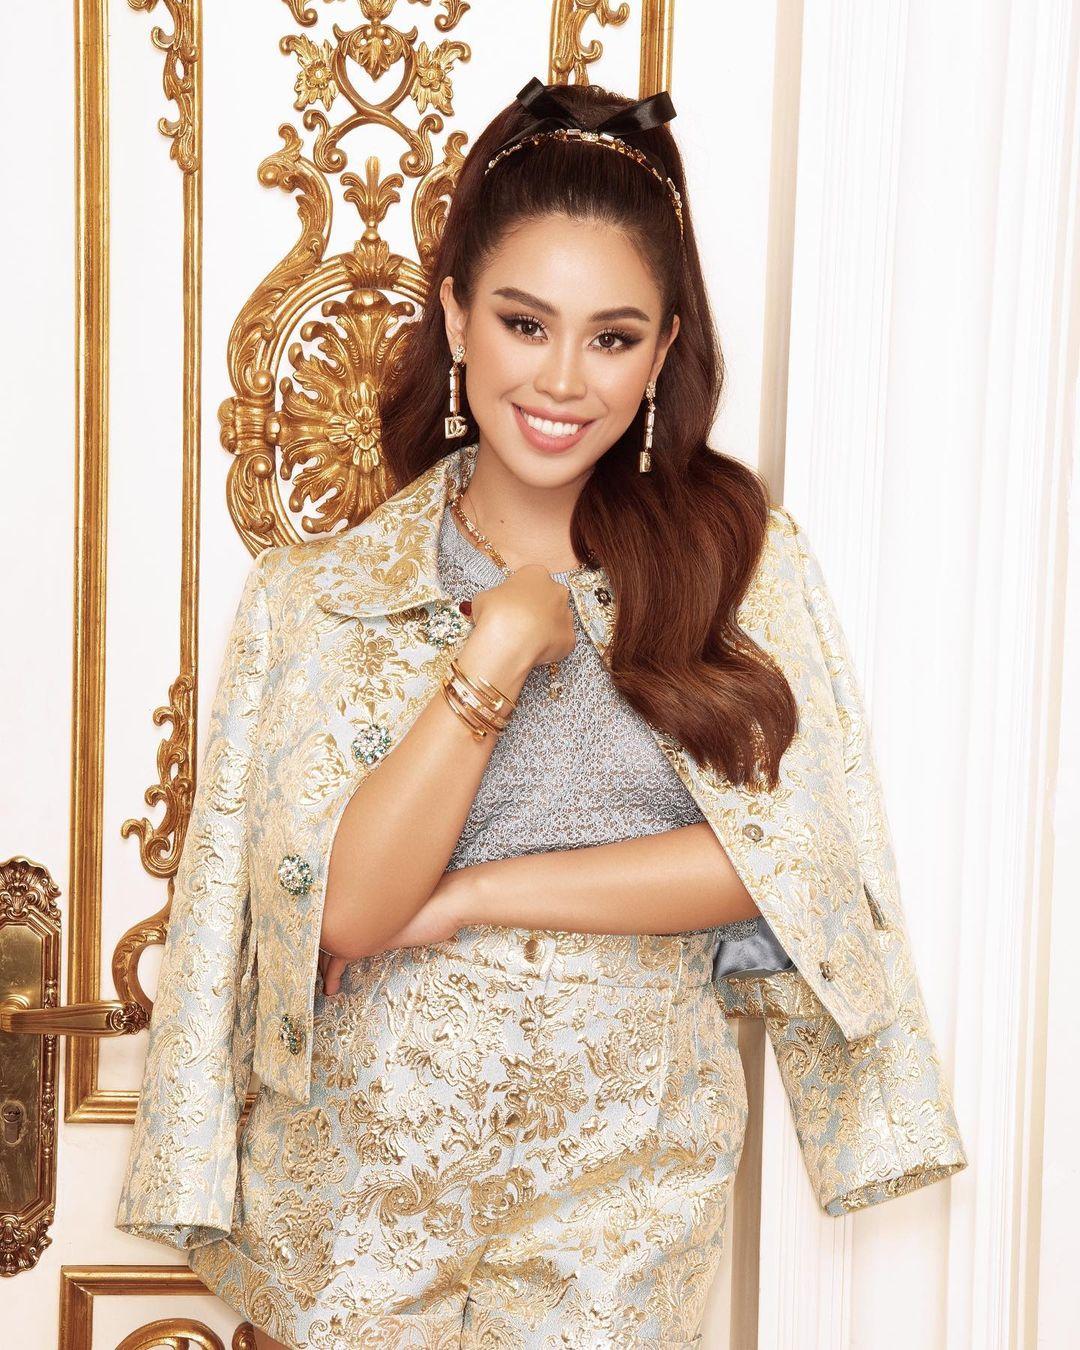 Em chồng Hà Tăng diện cả loạt váy áo ít người dám mặc, chứng minh thần thái đỉnh cao hiếm ai bì kịp - Ảnh 1.